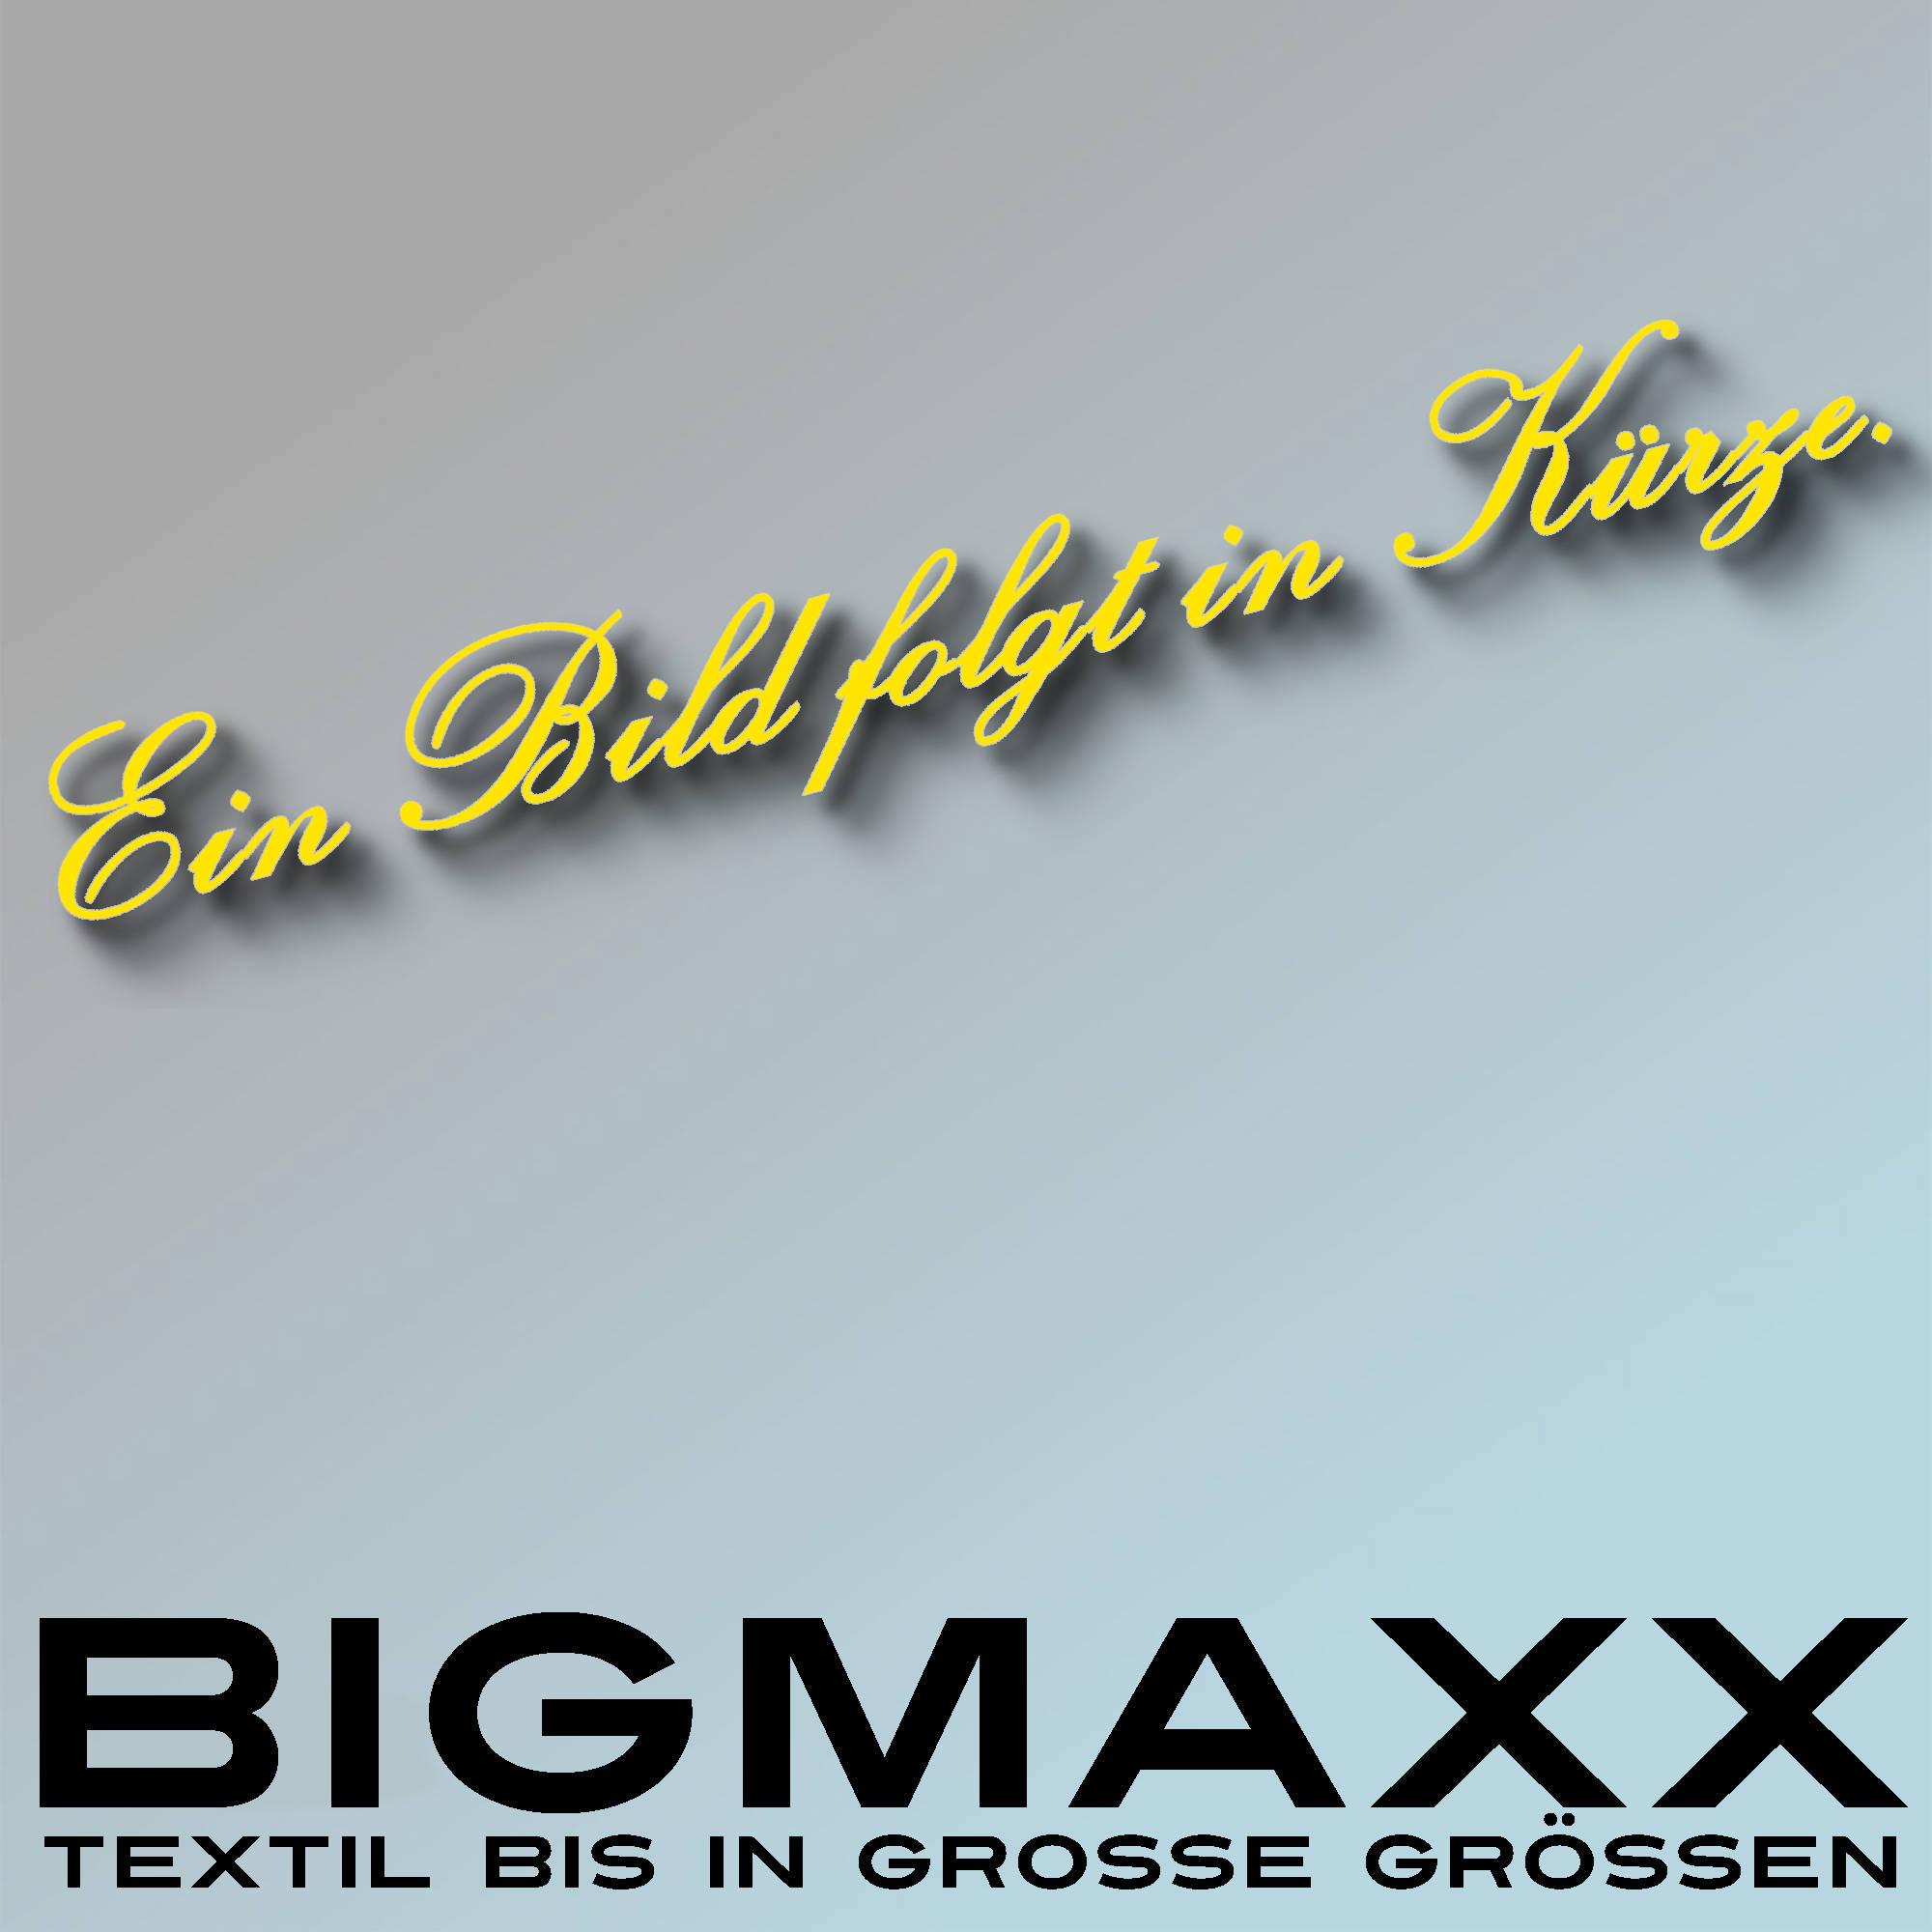 10 Stück teXXor Warnweste Sicherheitswarnweste gem EN 471 gelb leuchtgelb